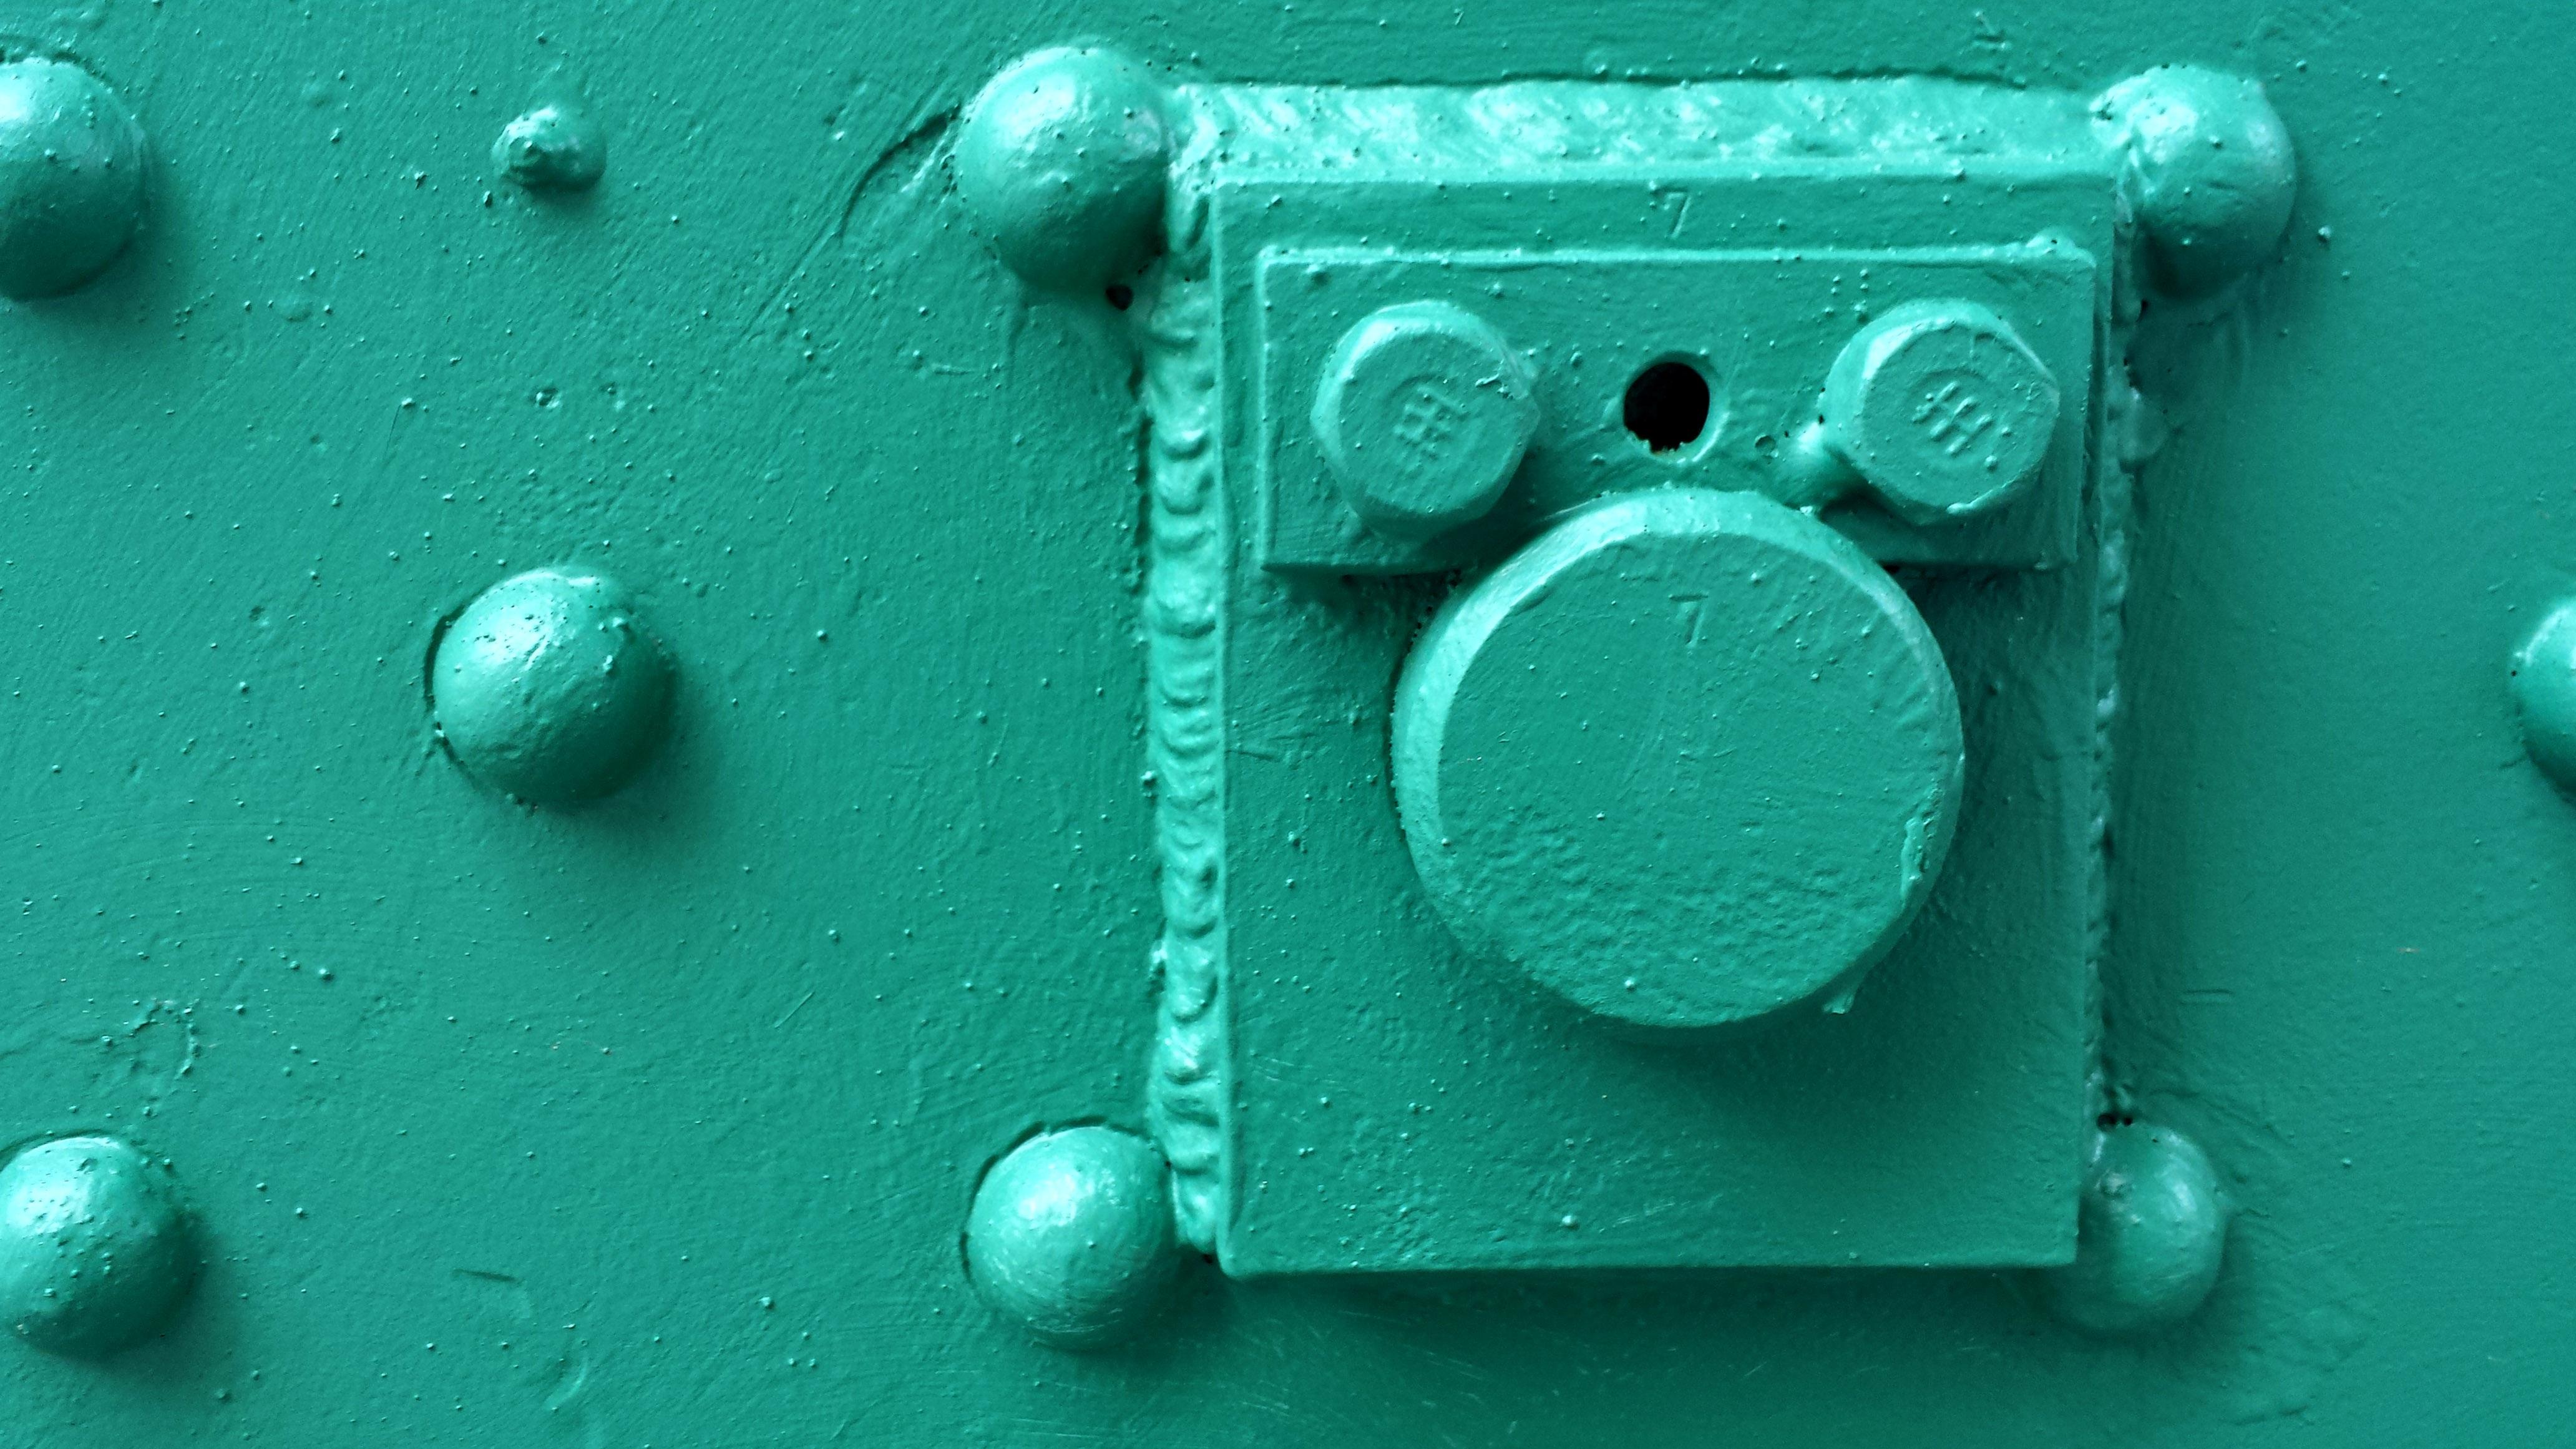 fotos gratis blanco vaso nmero verde rojo color metal castillo pintar azul puerta gol de cerca turquesa valores cerrado forma bloqueado